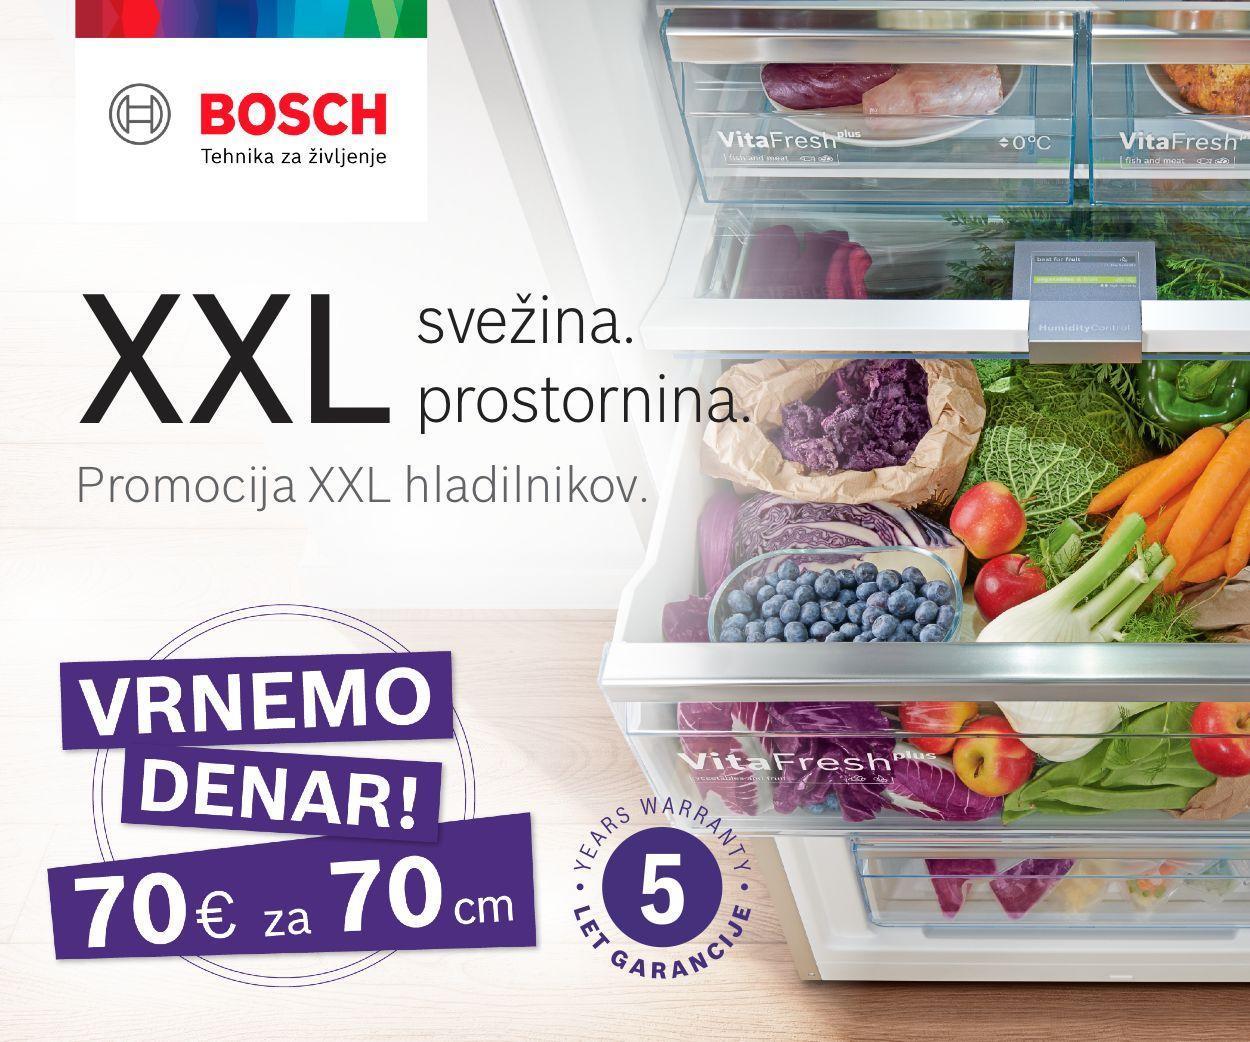 Bosch XXLHladilniki Banner vrnemo denar in 5 let garancije 2